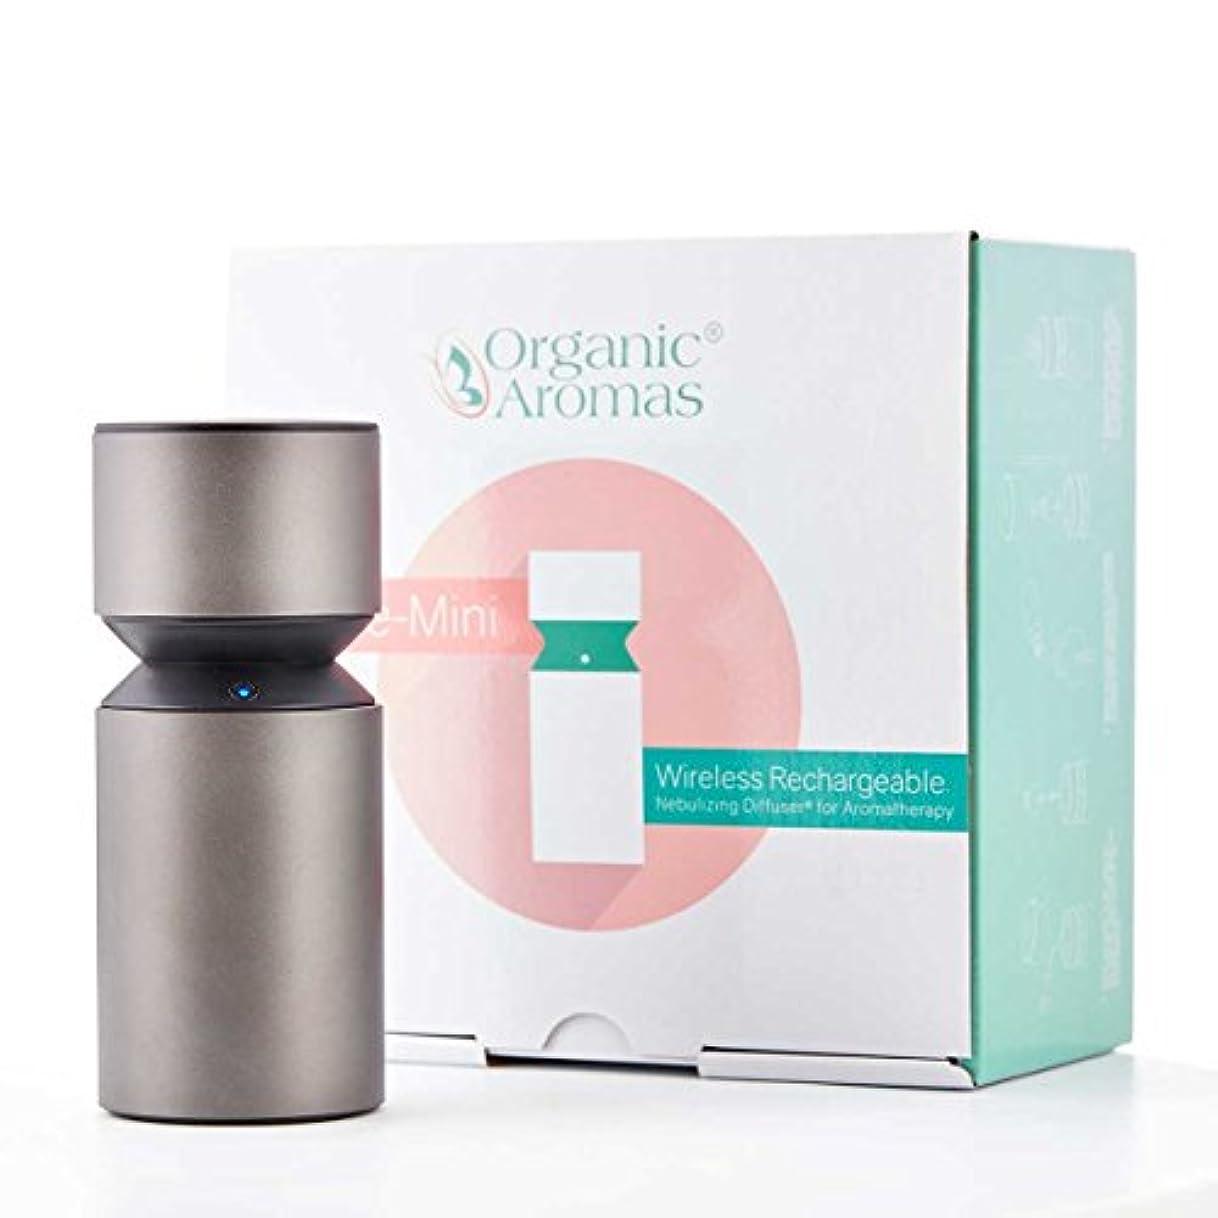 篭調和のとれた支援するOrganic Aromas アロマテラピー用モバイルミニ 2.0ワイヤレス充電式噴霧ディフューザー 1